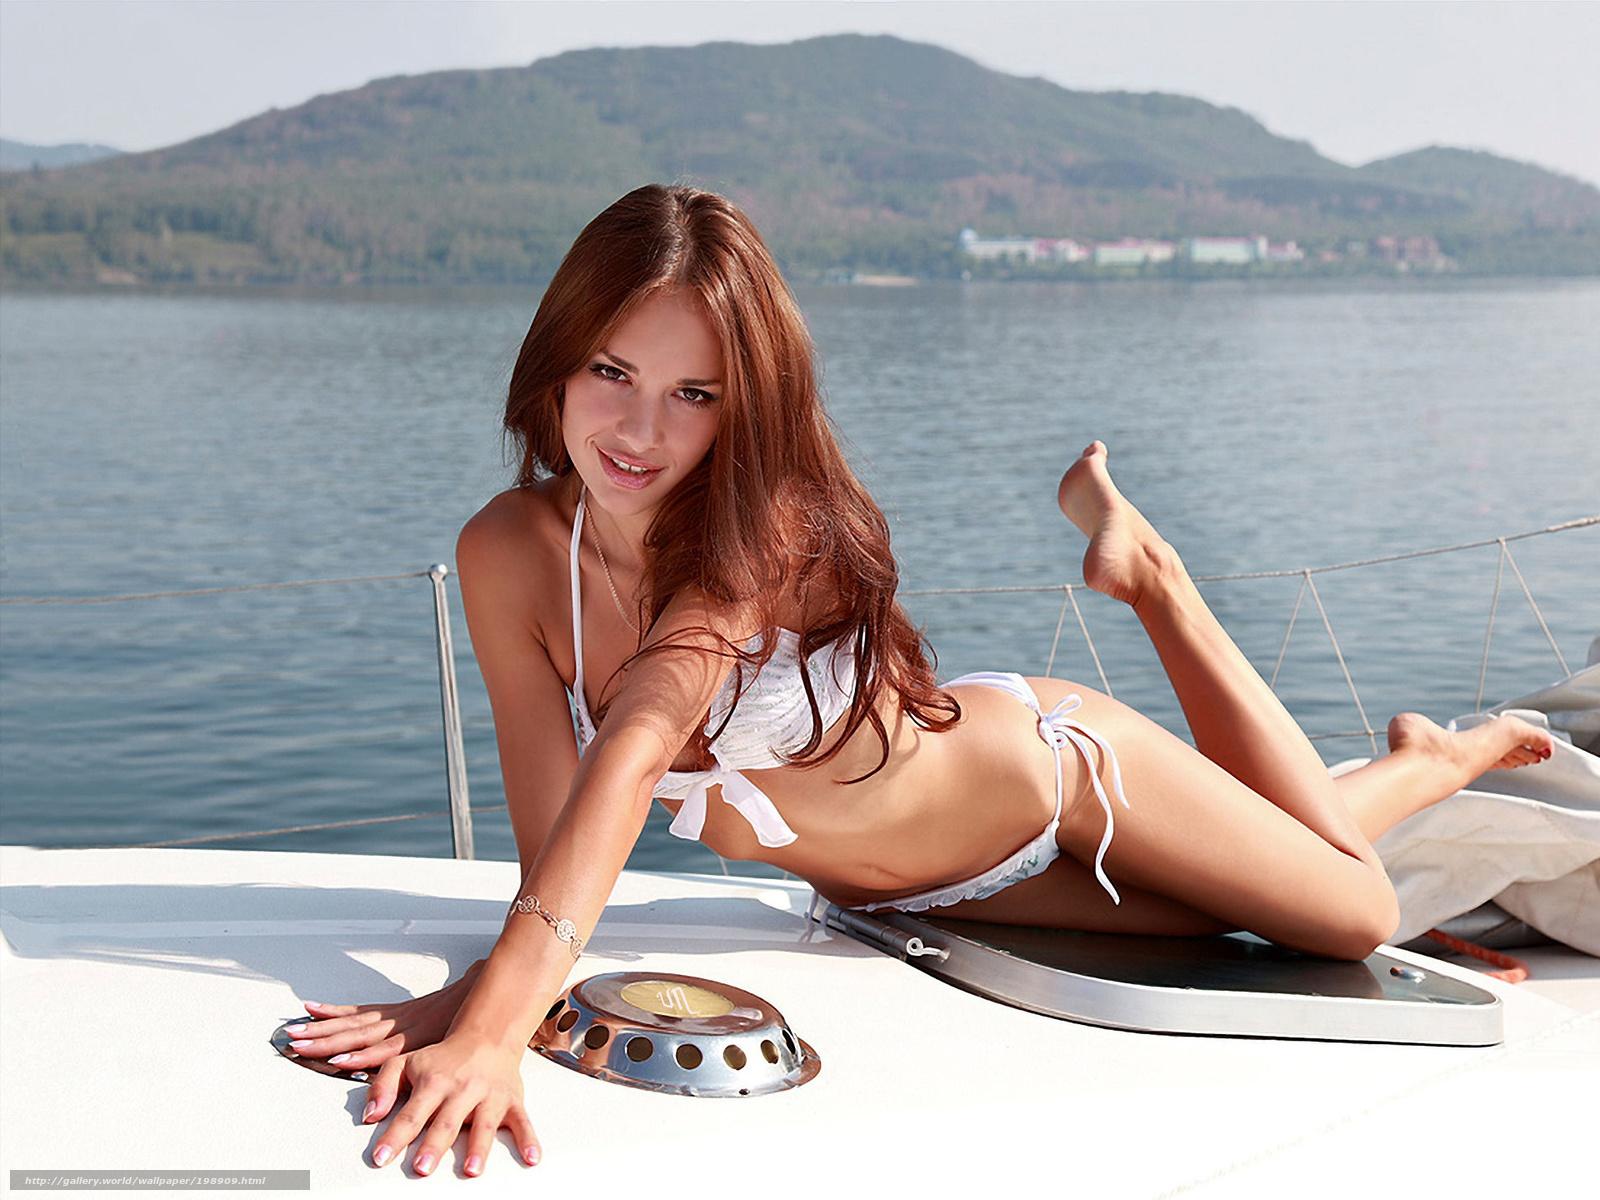 Сосёт на яхте 6 фотография